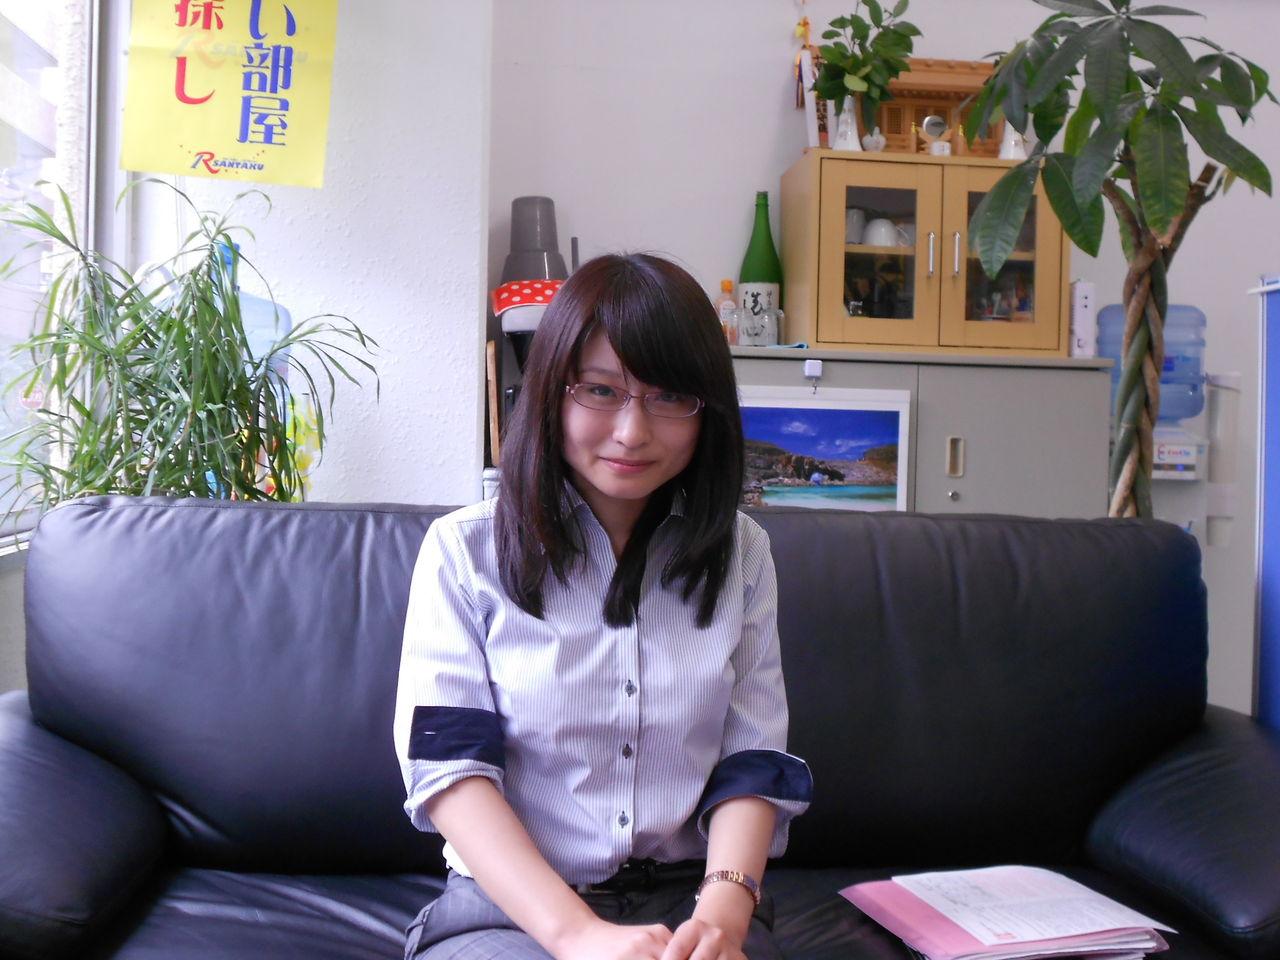 【萌えブス】ブス専集え!ブサイ娘画像 Part.55 [無断転載禁止]©bbspink.com->画像>1356枚